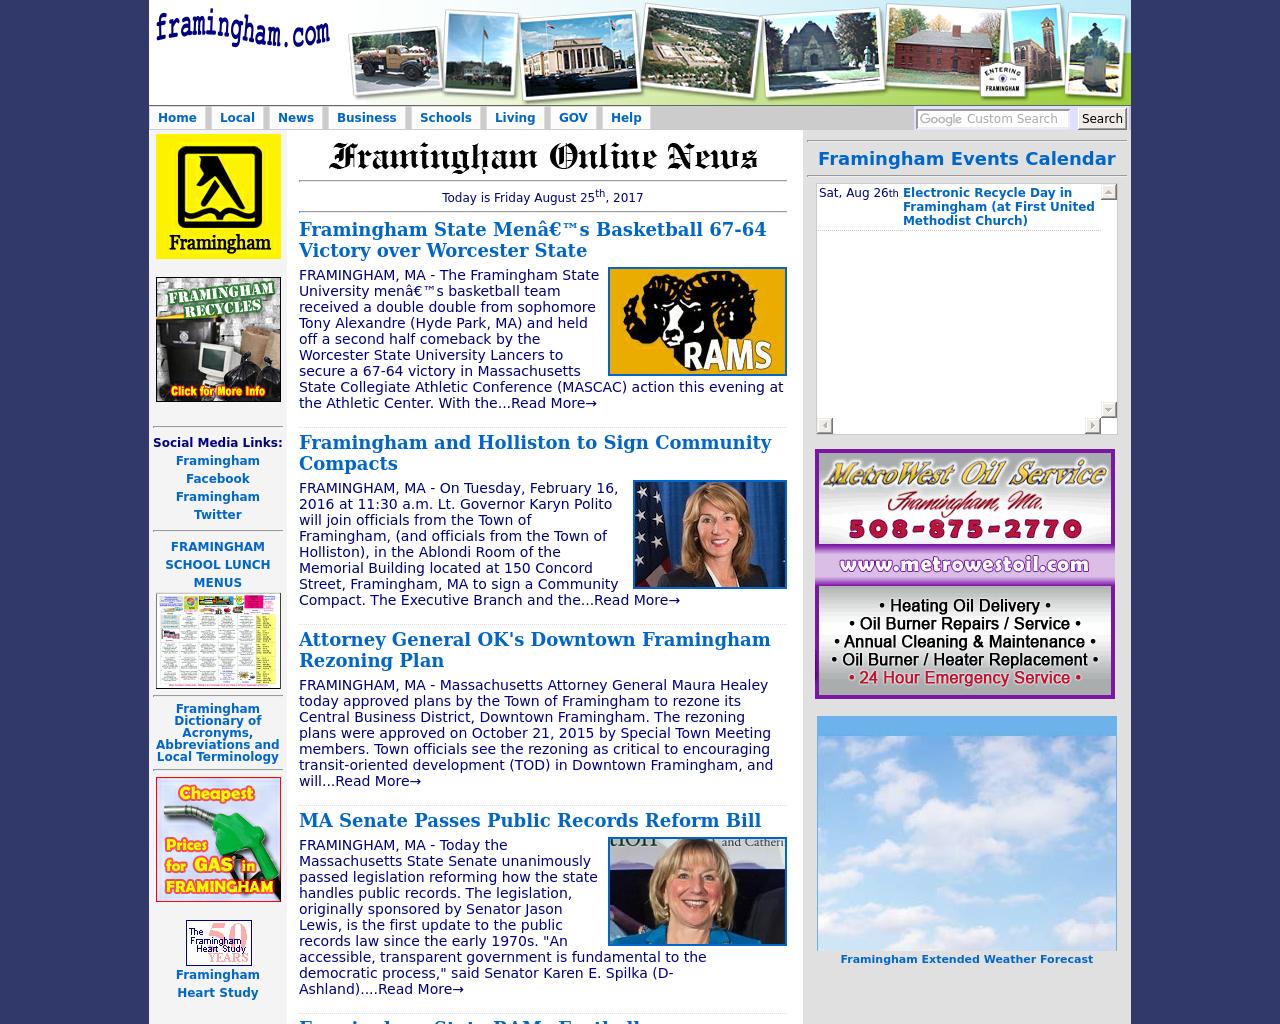 framingham.com-Advertising-Reviews-Pricing